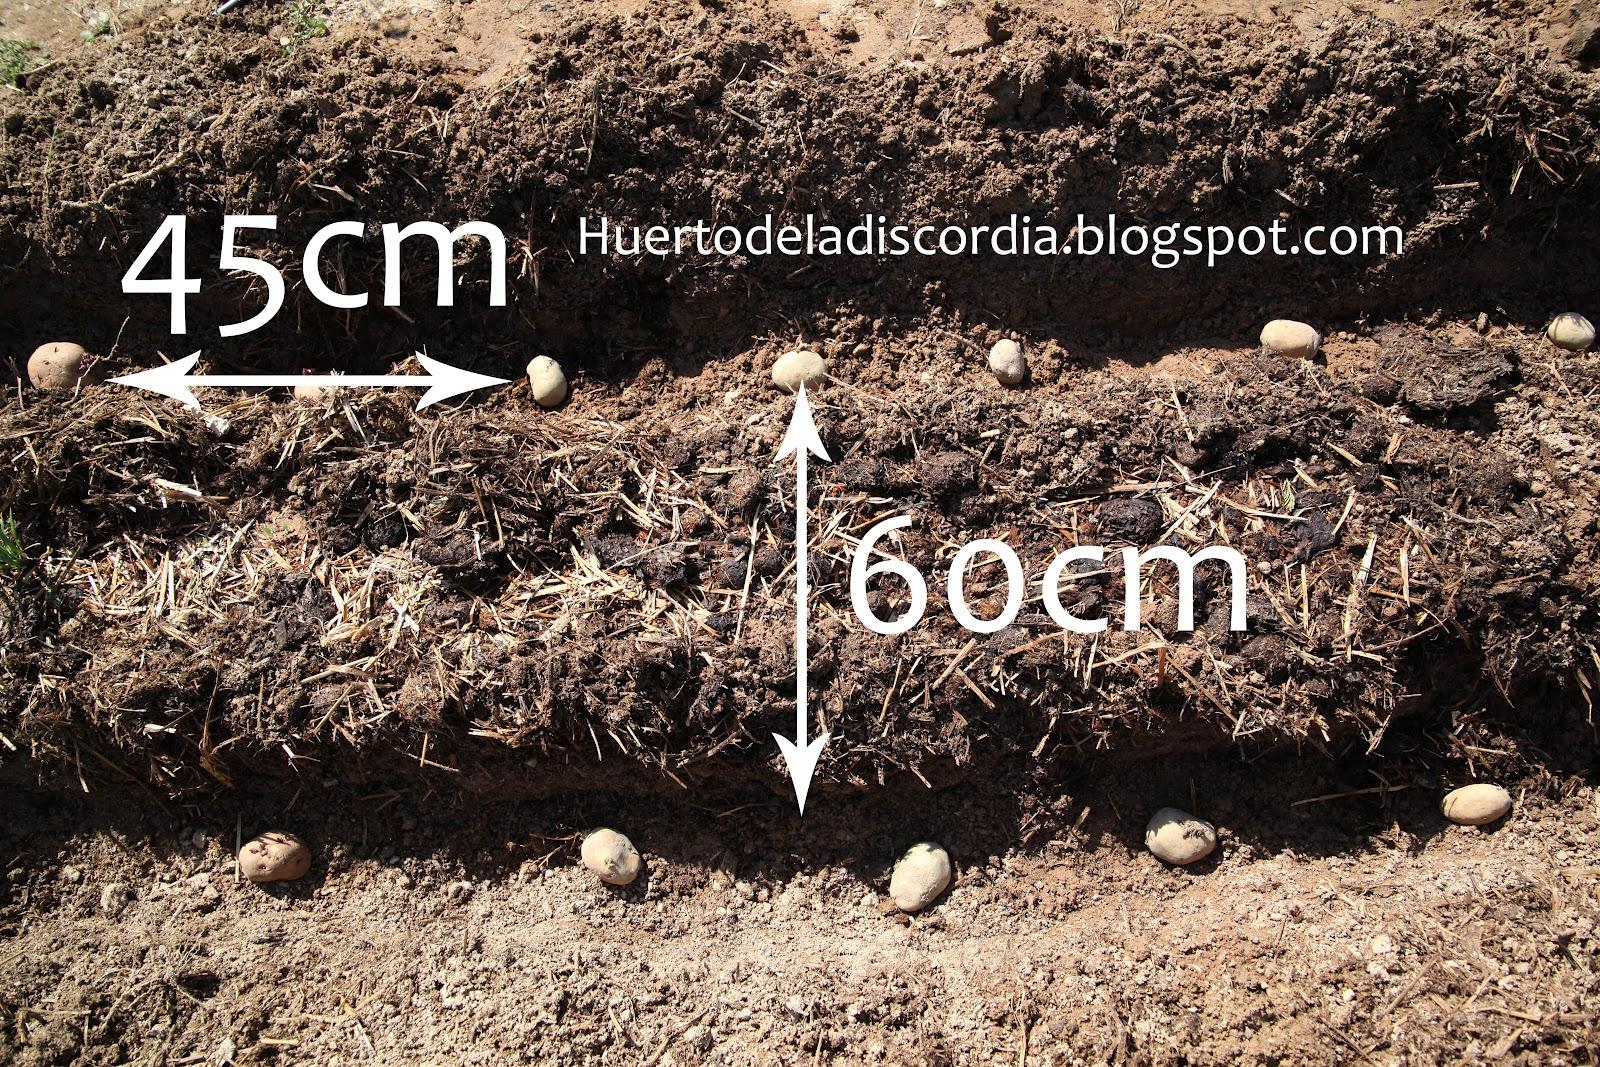 El huerto de la discordia plantando patatas for Como cultivar patatas